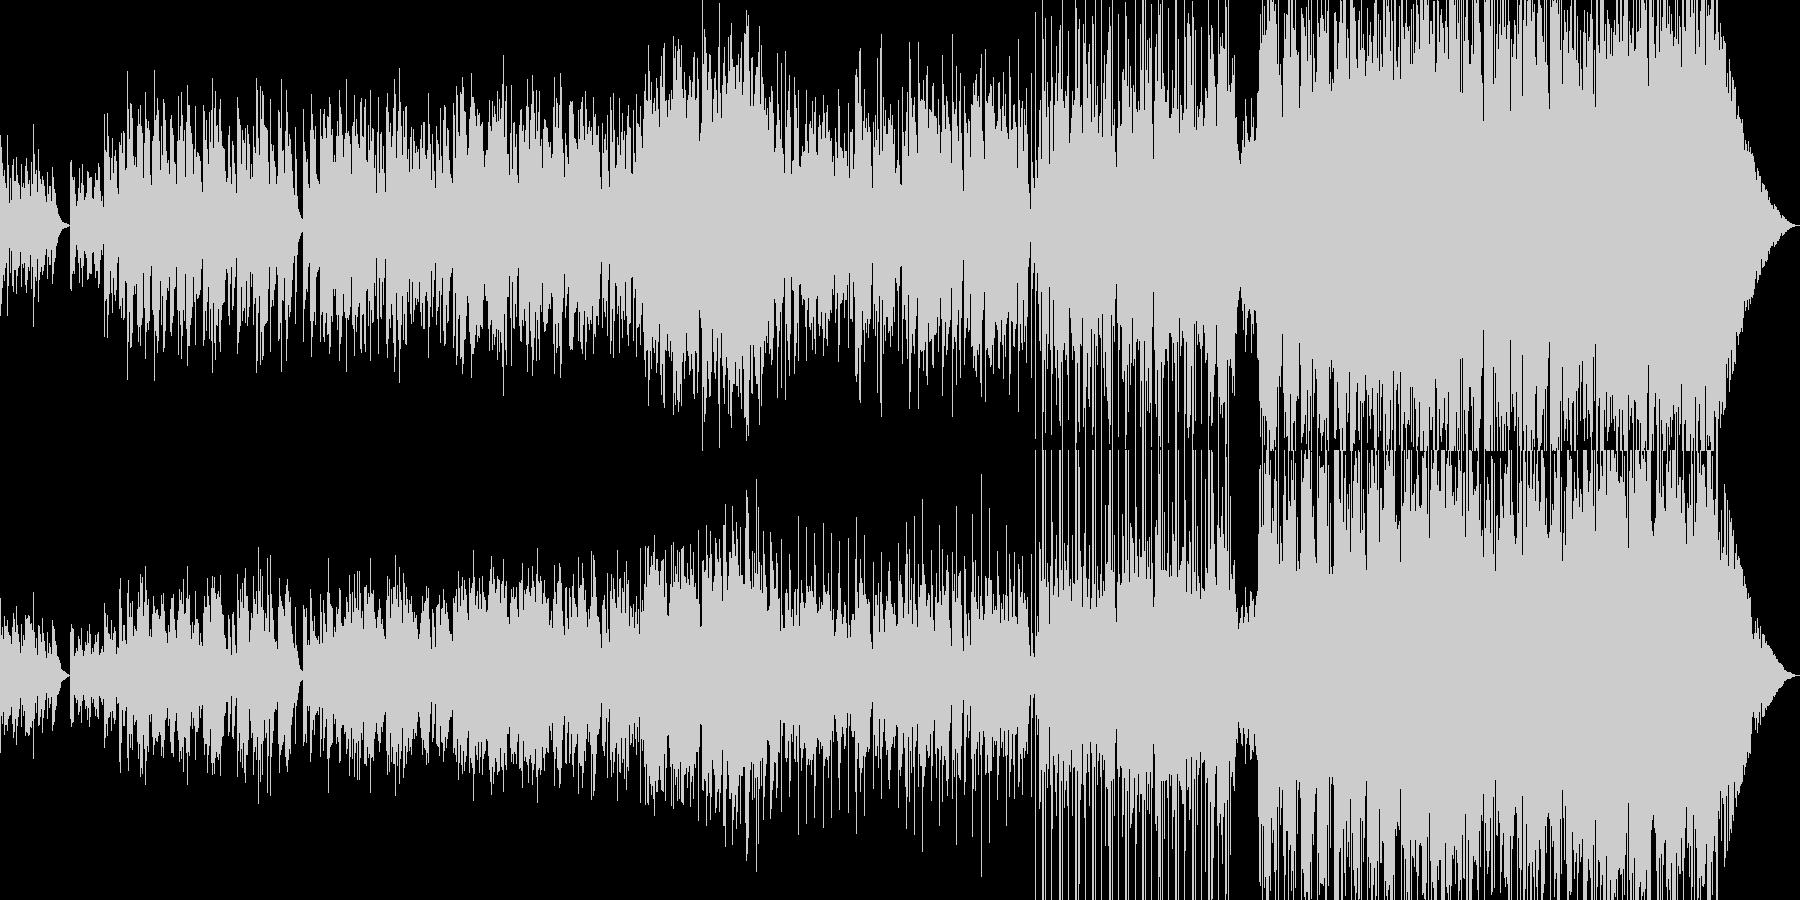 静かな夜 スパニッシュギターの調べに-の未再生の波形